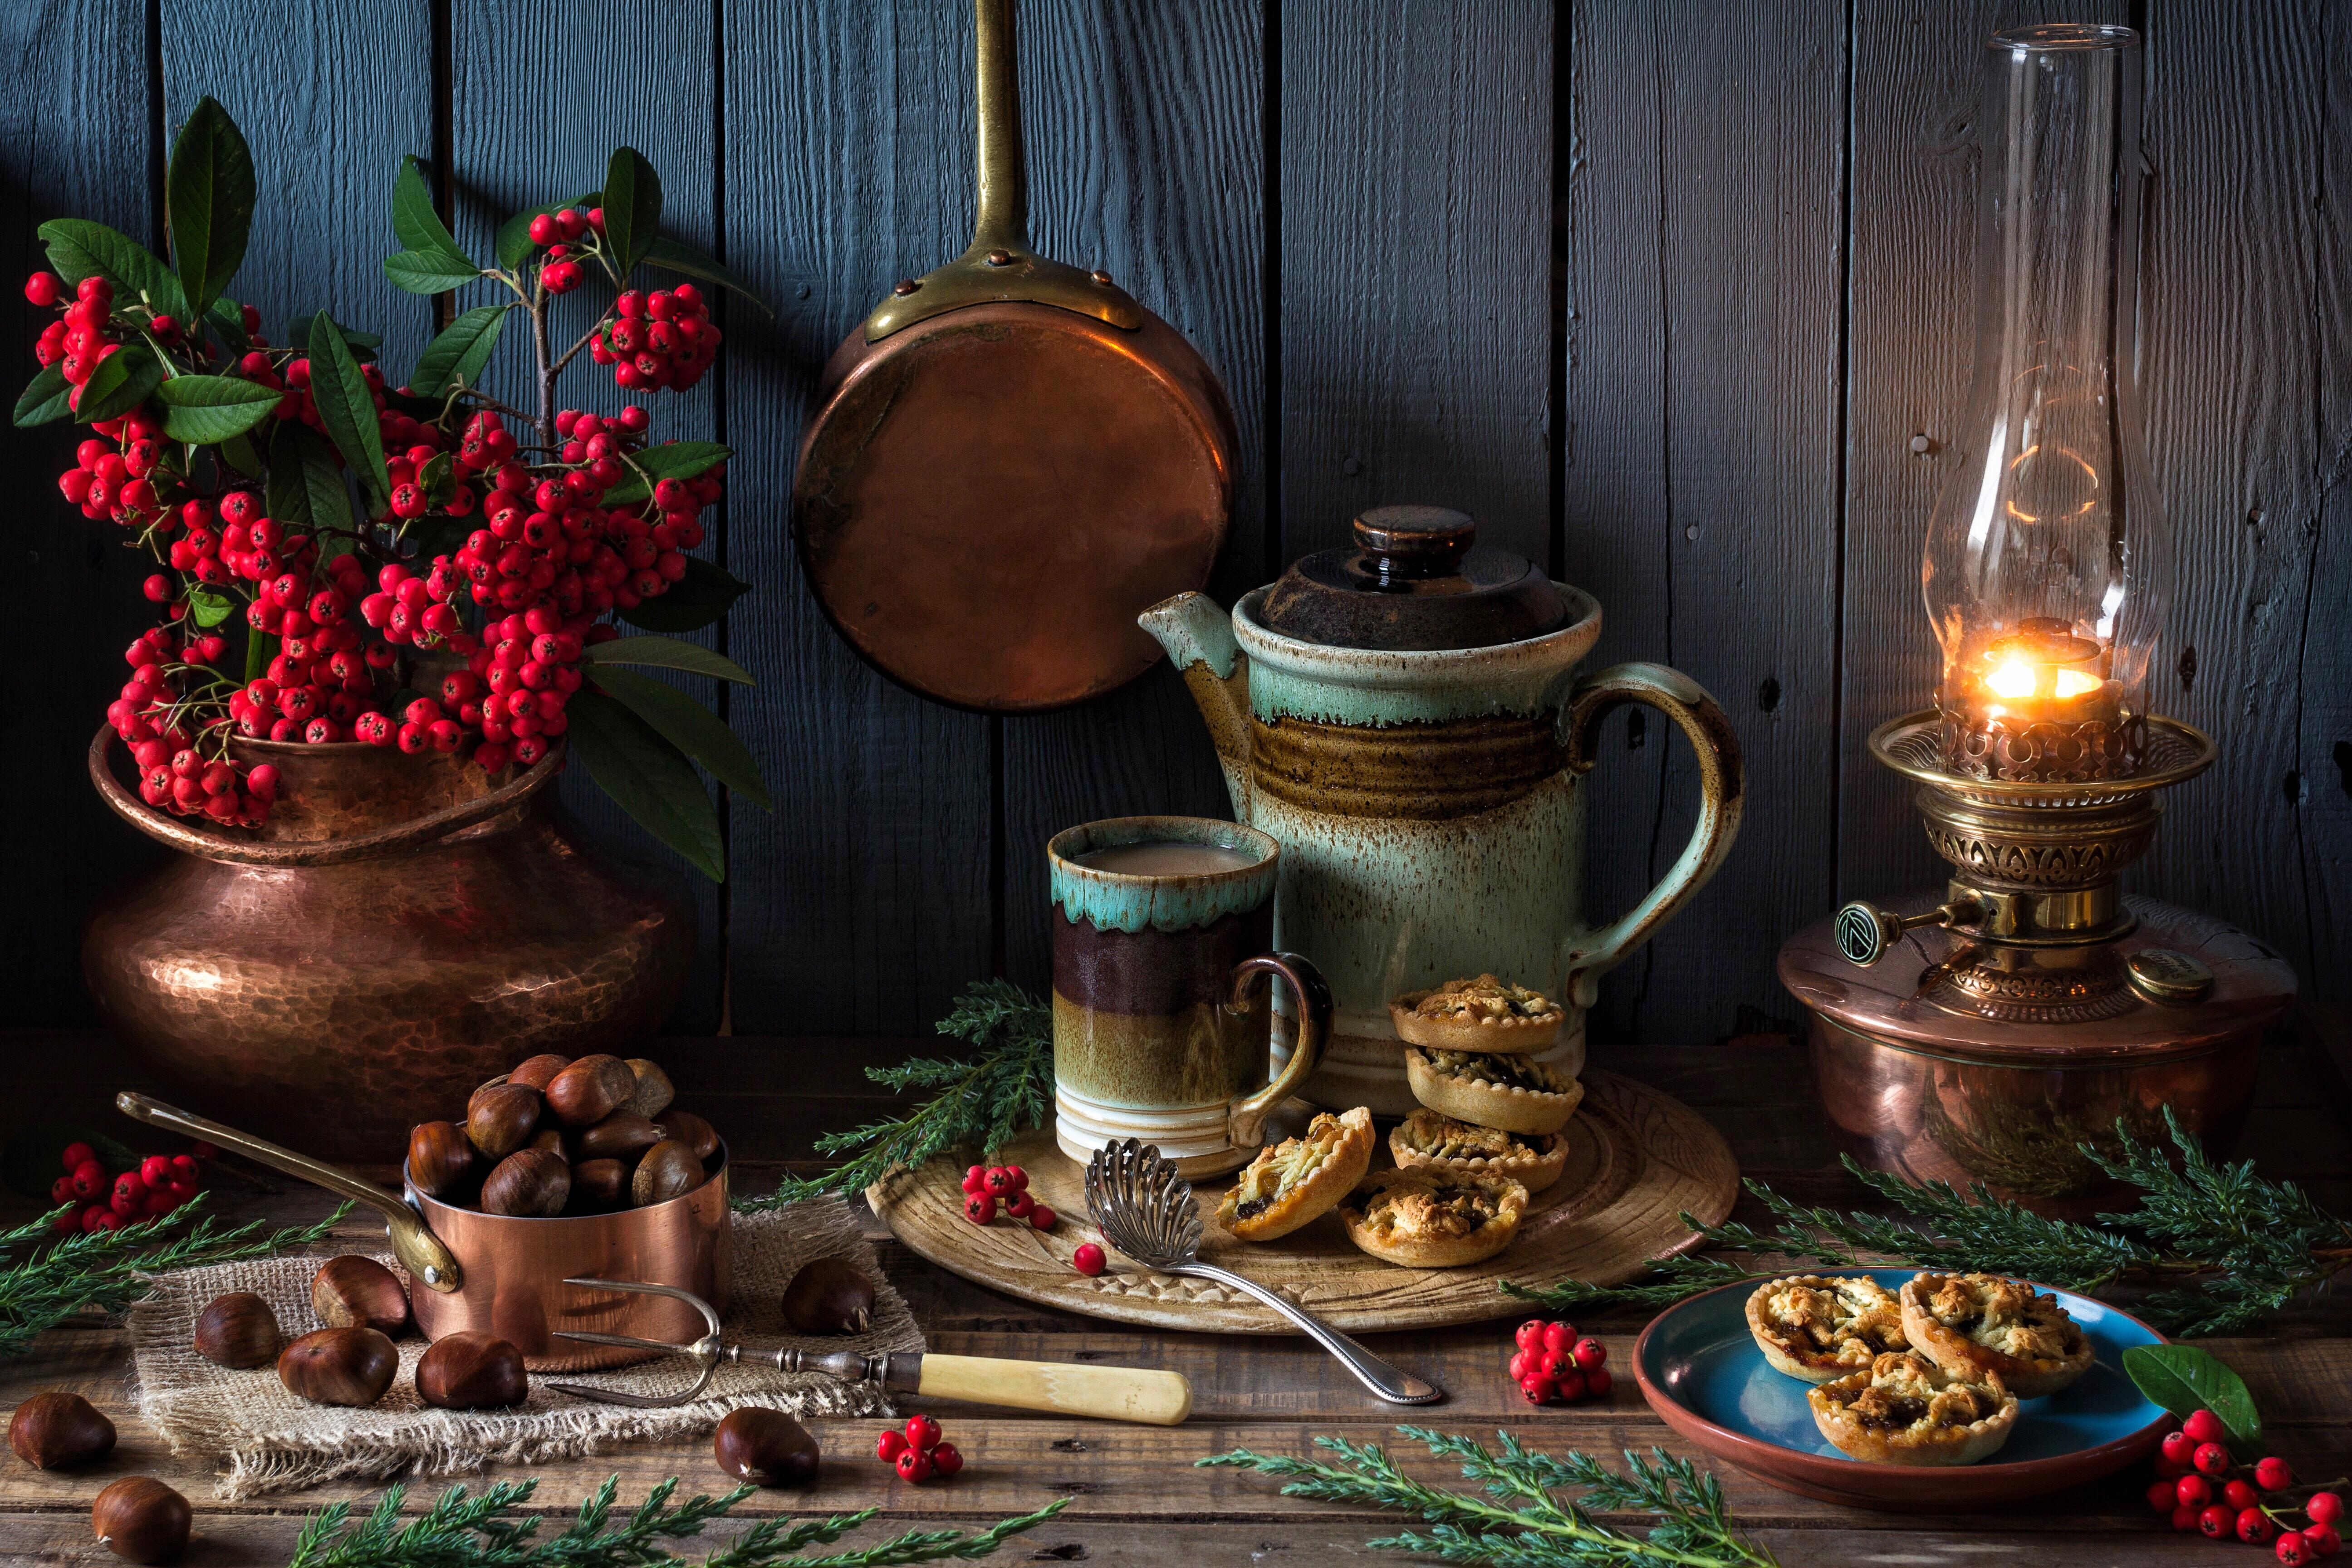 обои чайник, лампа, рябина, каштаны картинки фото